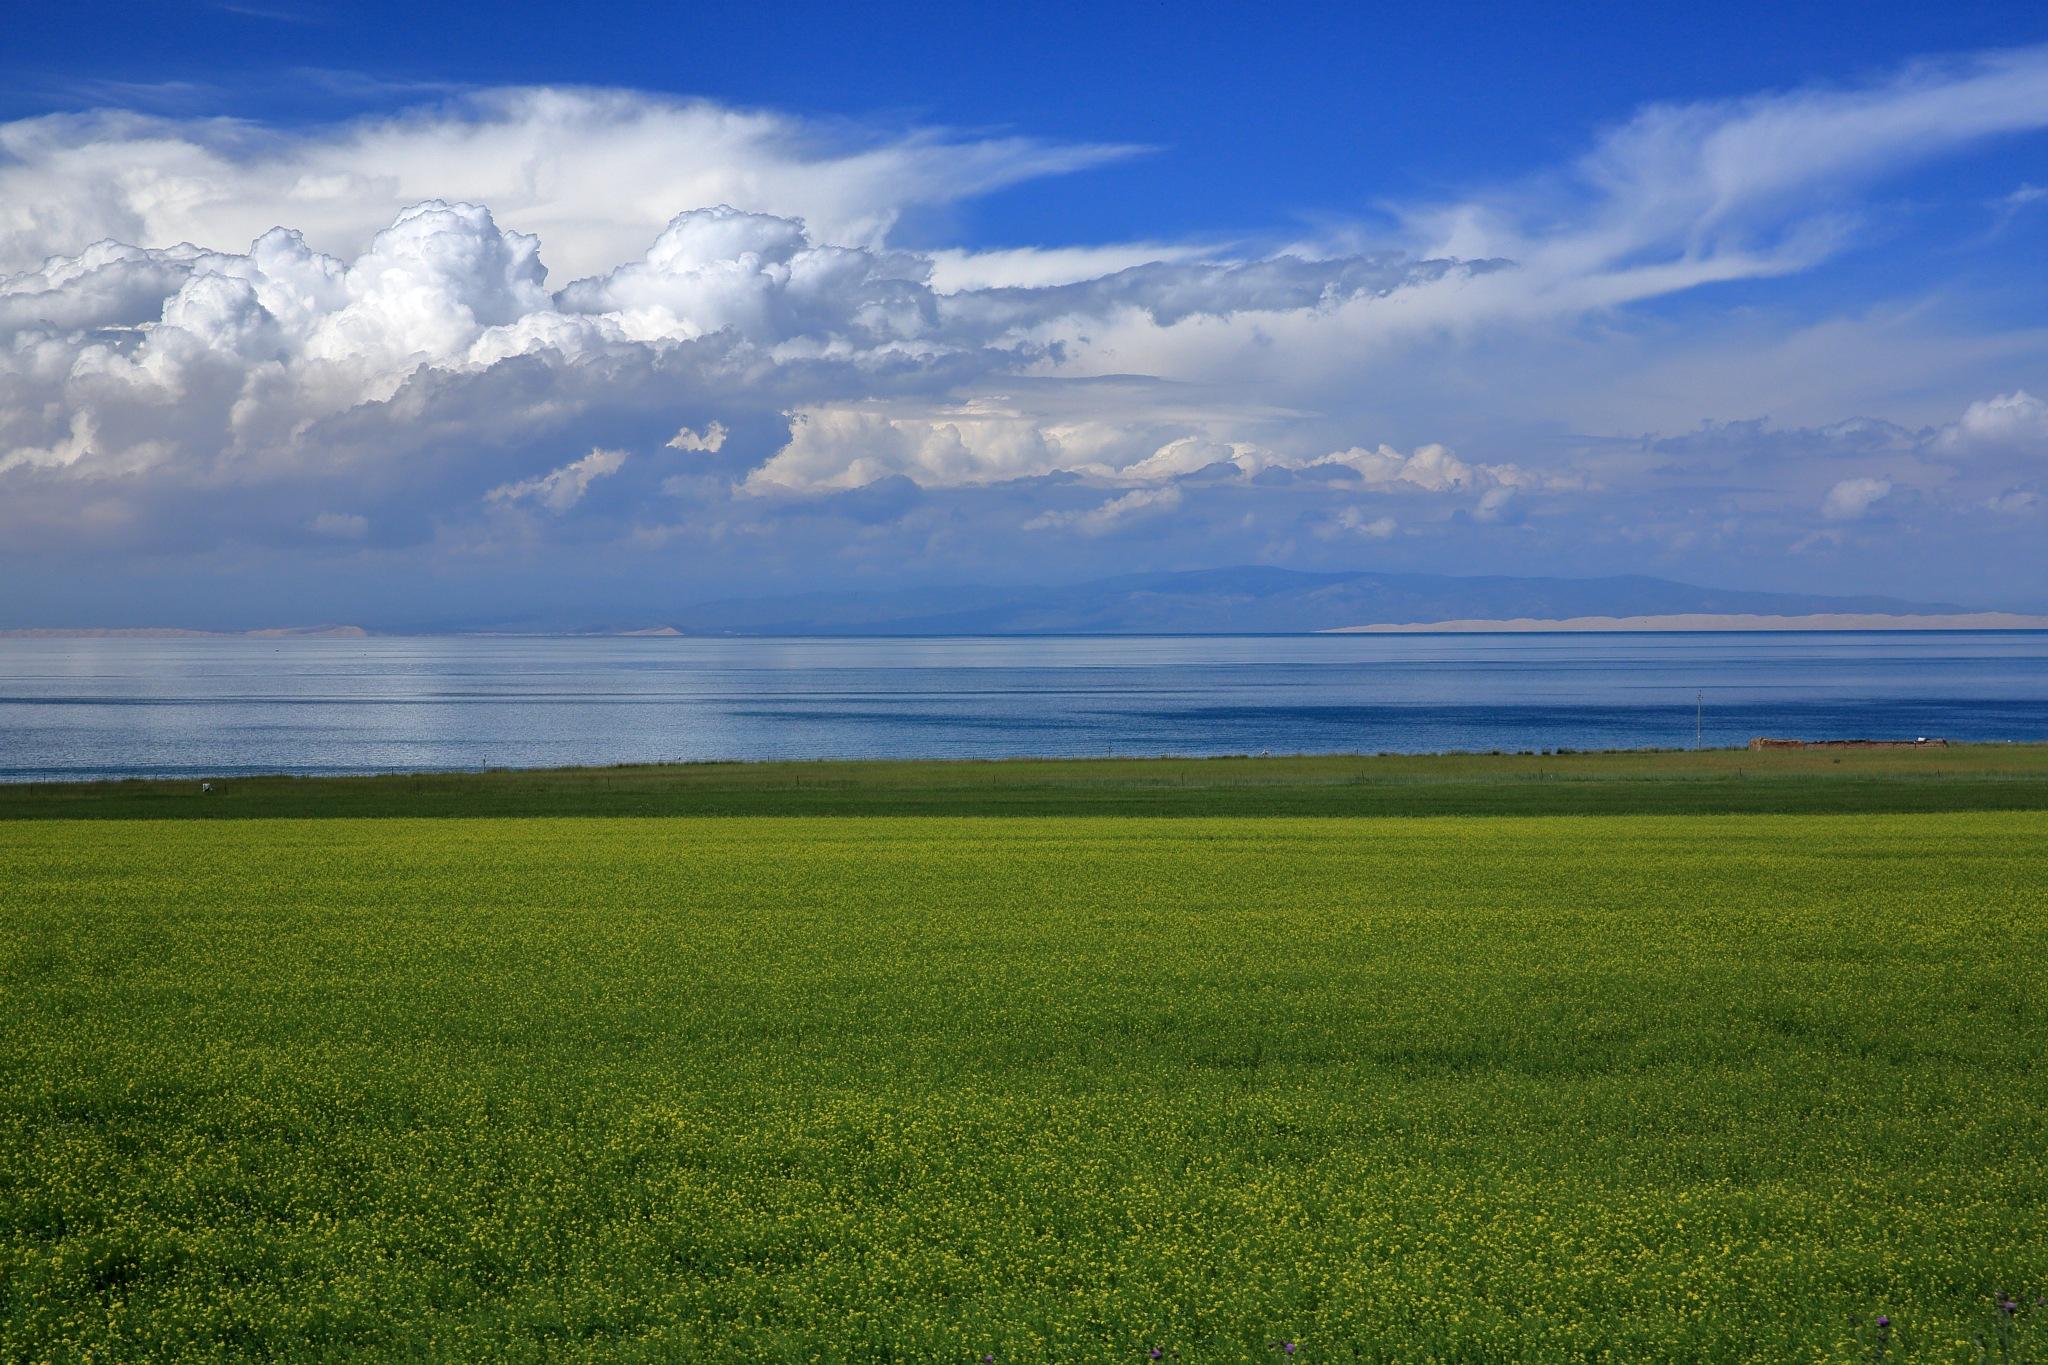 Qinghai Lake by leecj0129